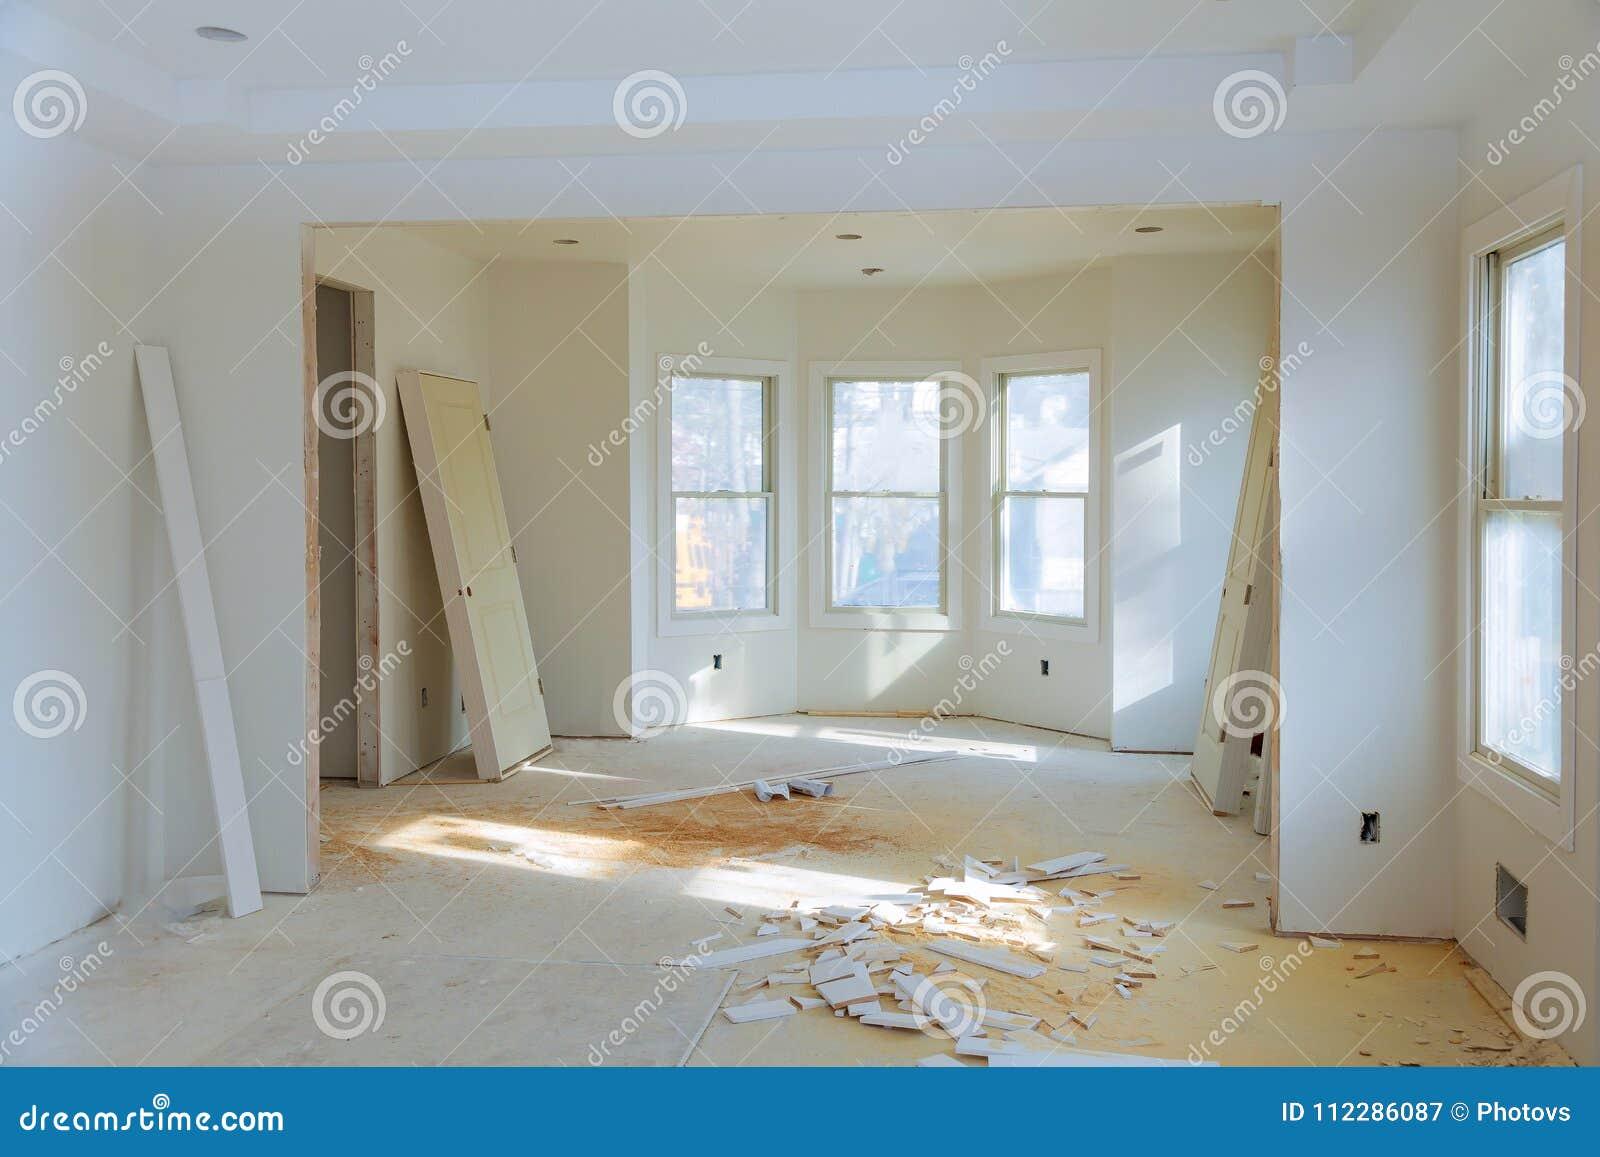 建筑建筑业新的家庭建筑内部干式墙磁带 楼房建筑石膏膏药墙壁